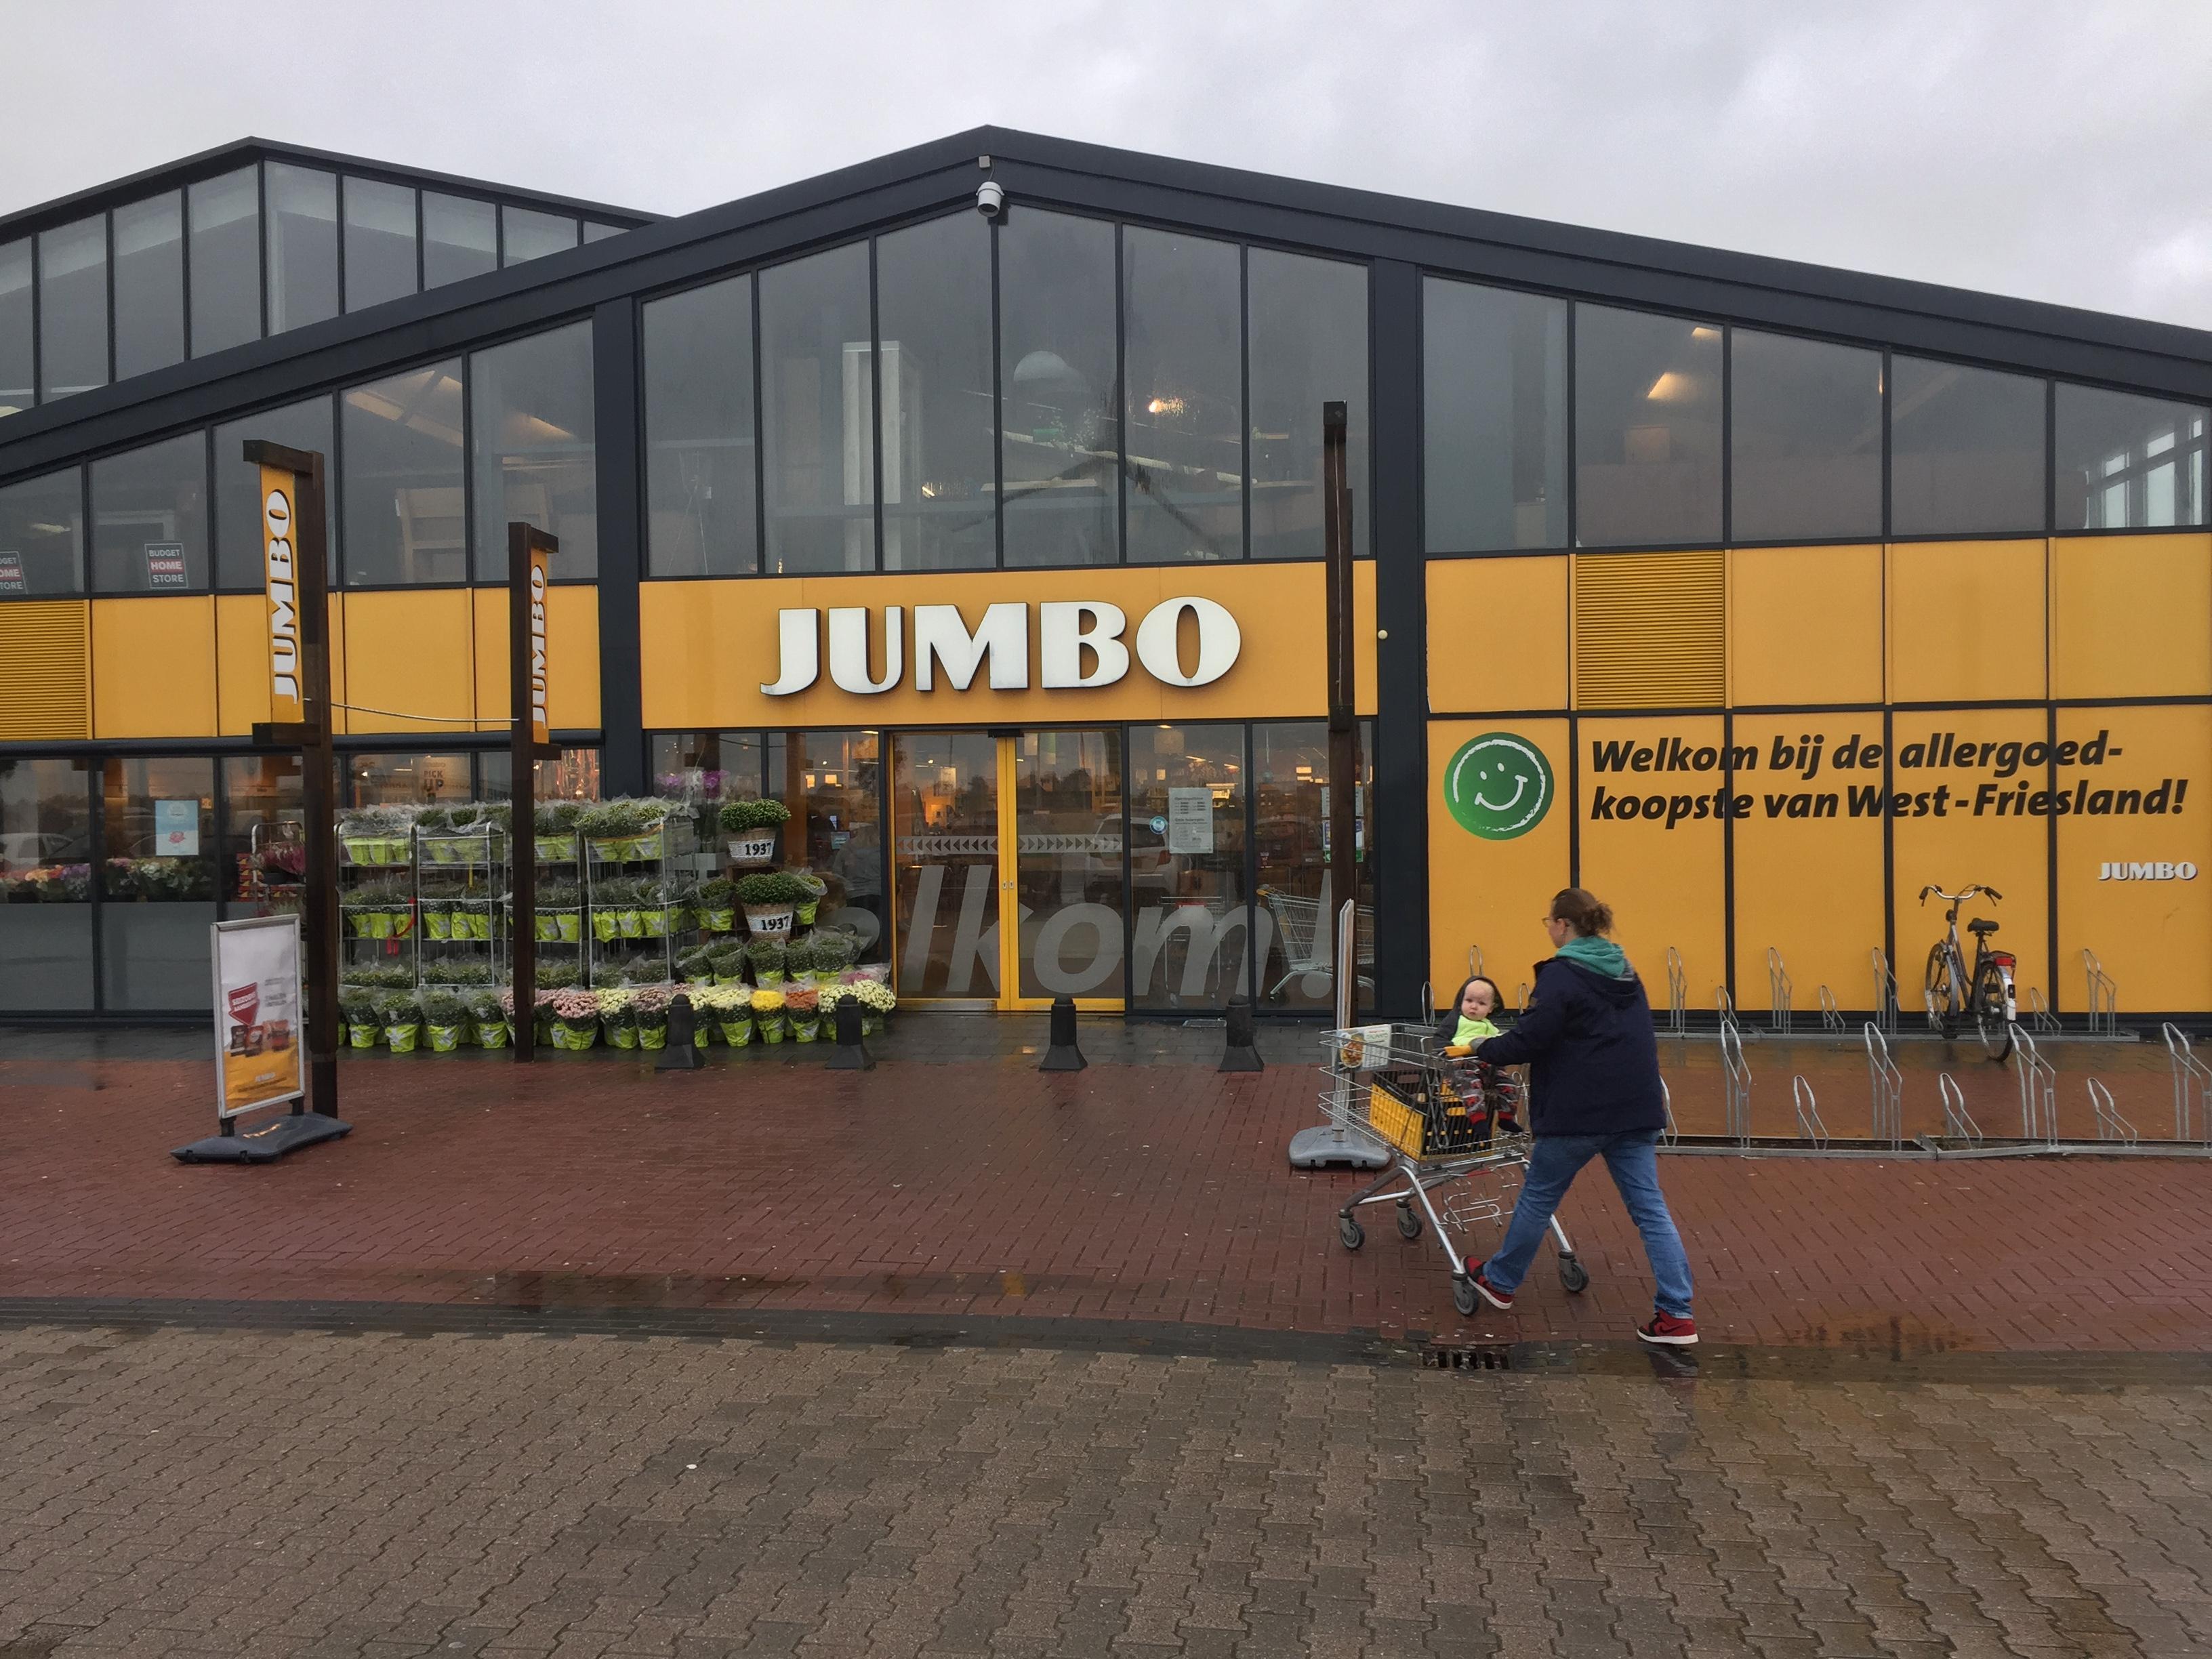 Klanten Jumbo Zwaagdijk-Oost maken zich niet druk om listeriabesmetting: 'Vol vertrouwen in supermarkt'